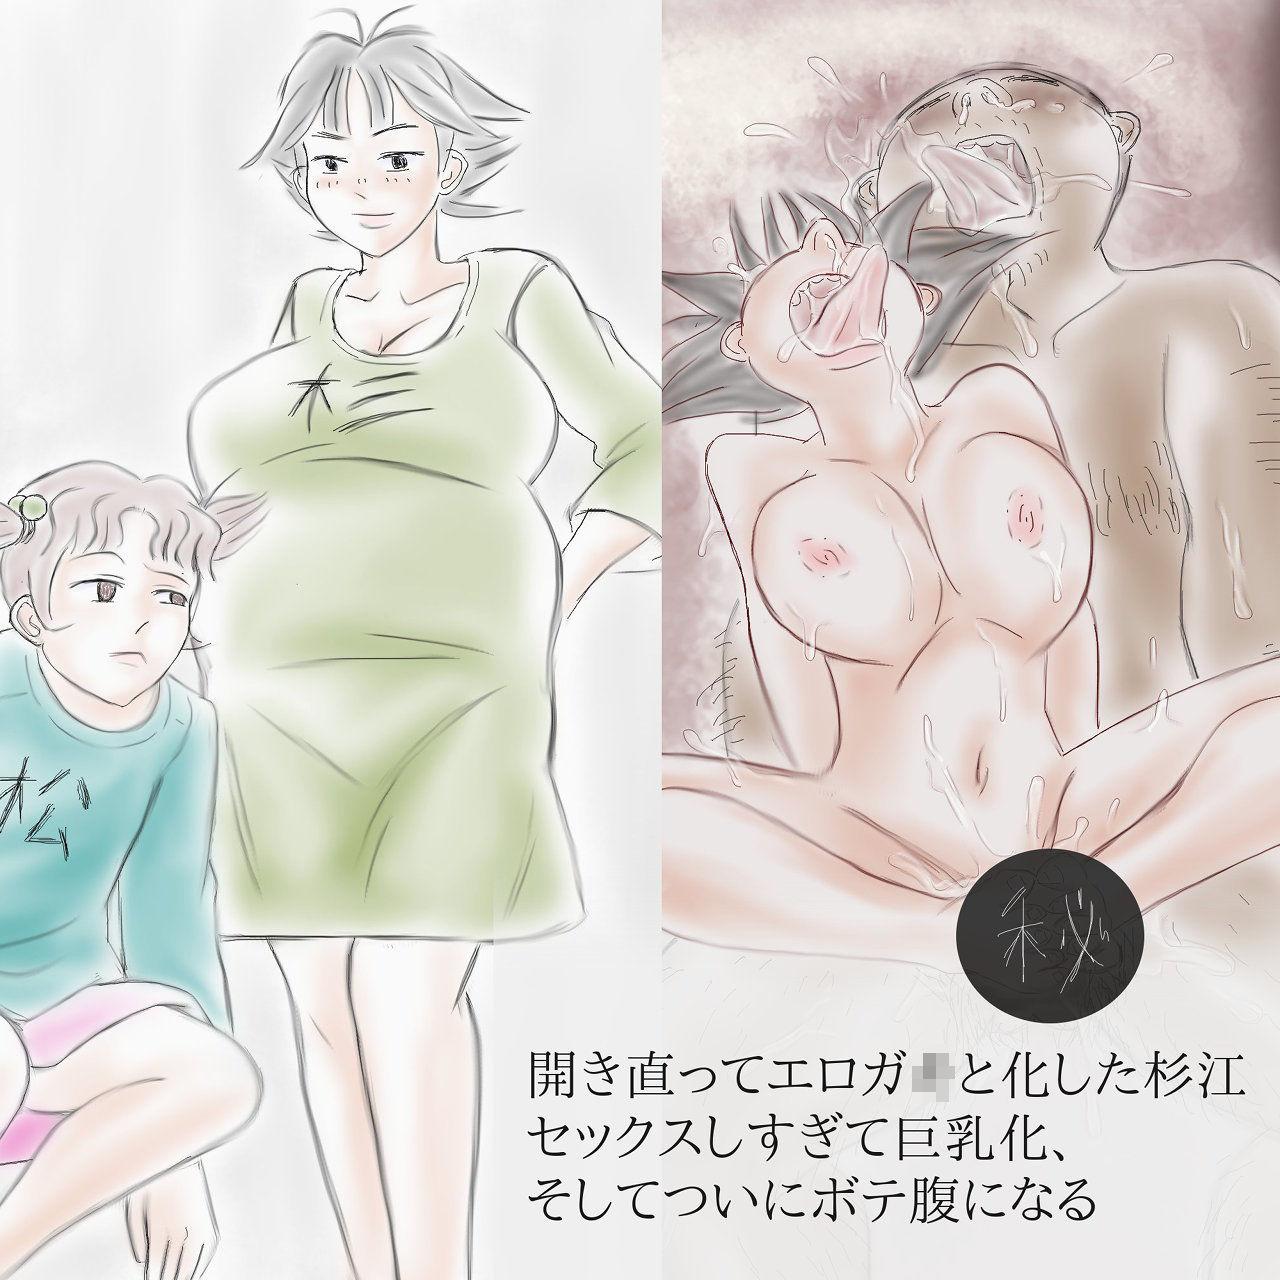 巨乳地味っ娘達の体験談